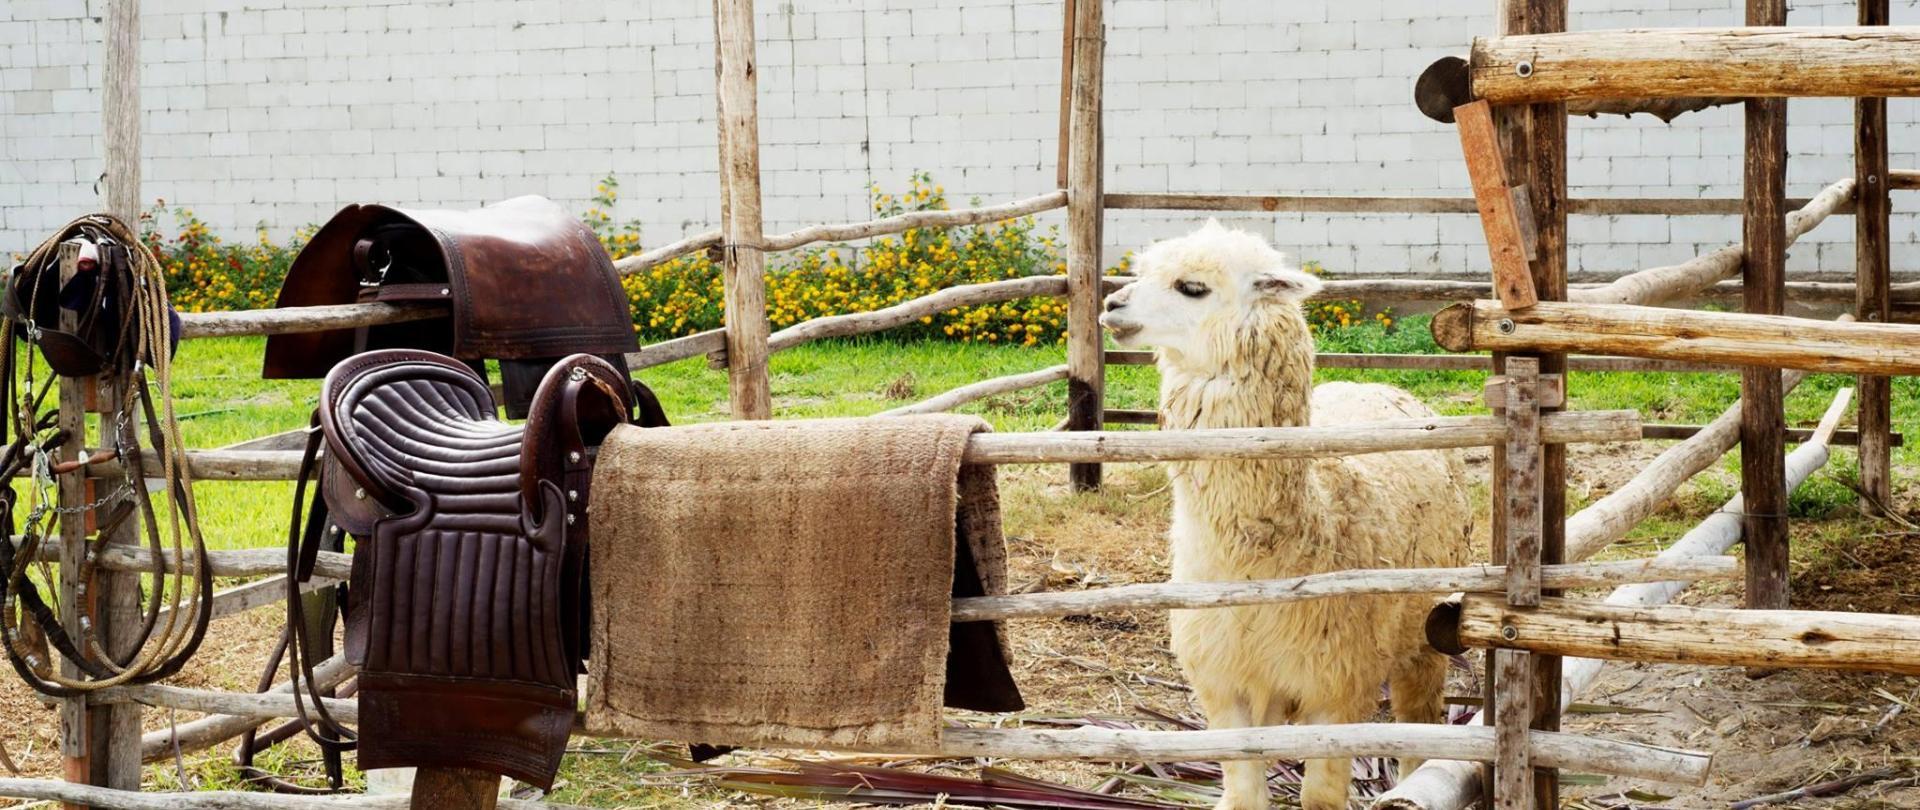 Paco Llama.jpg